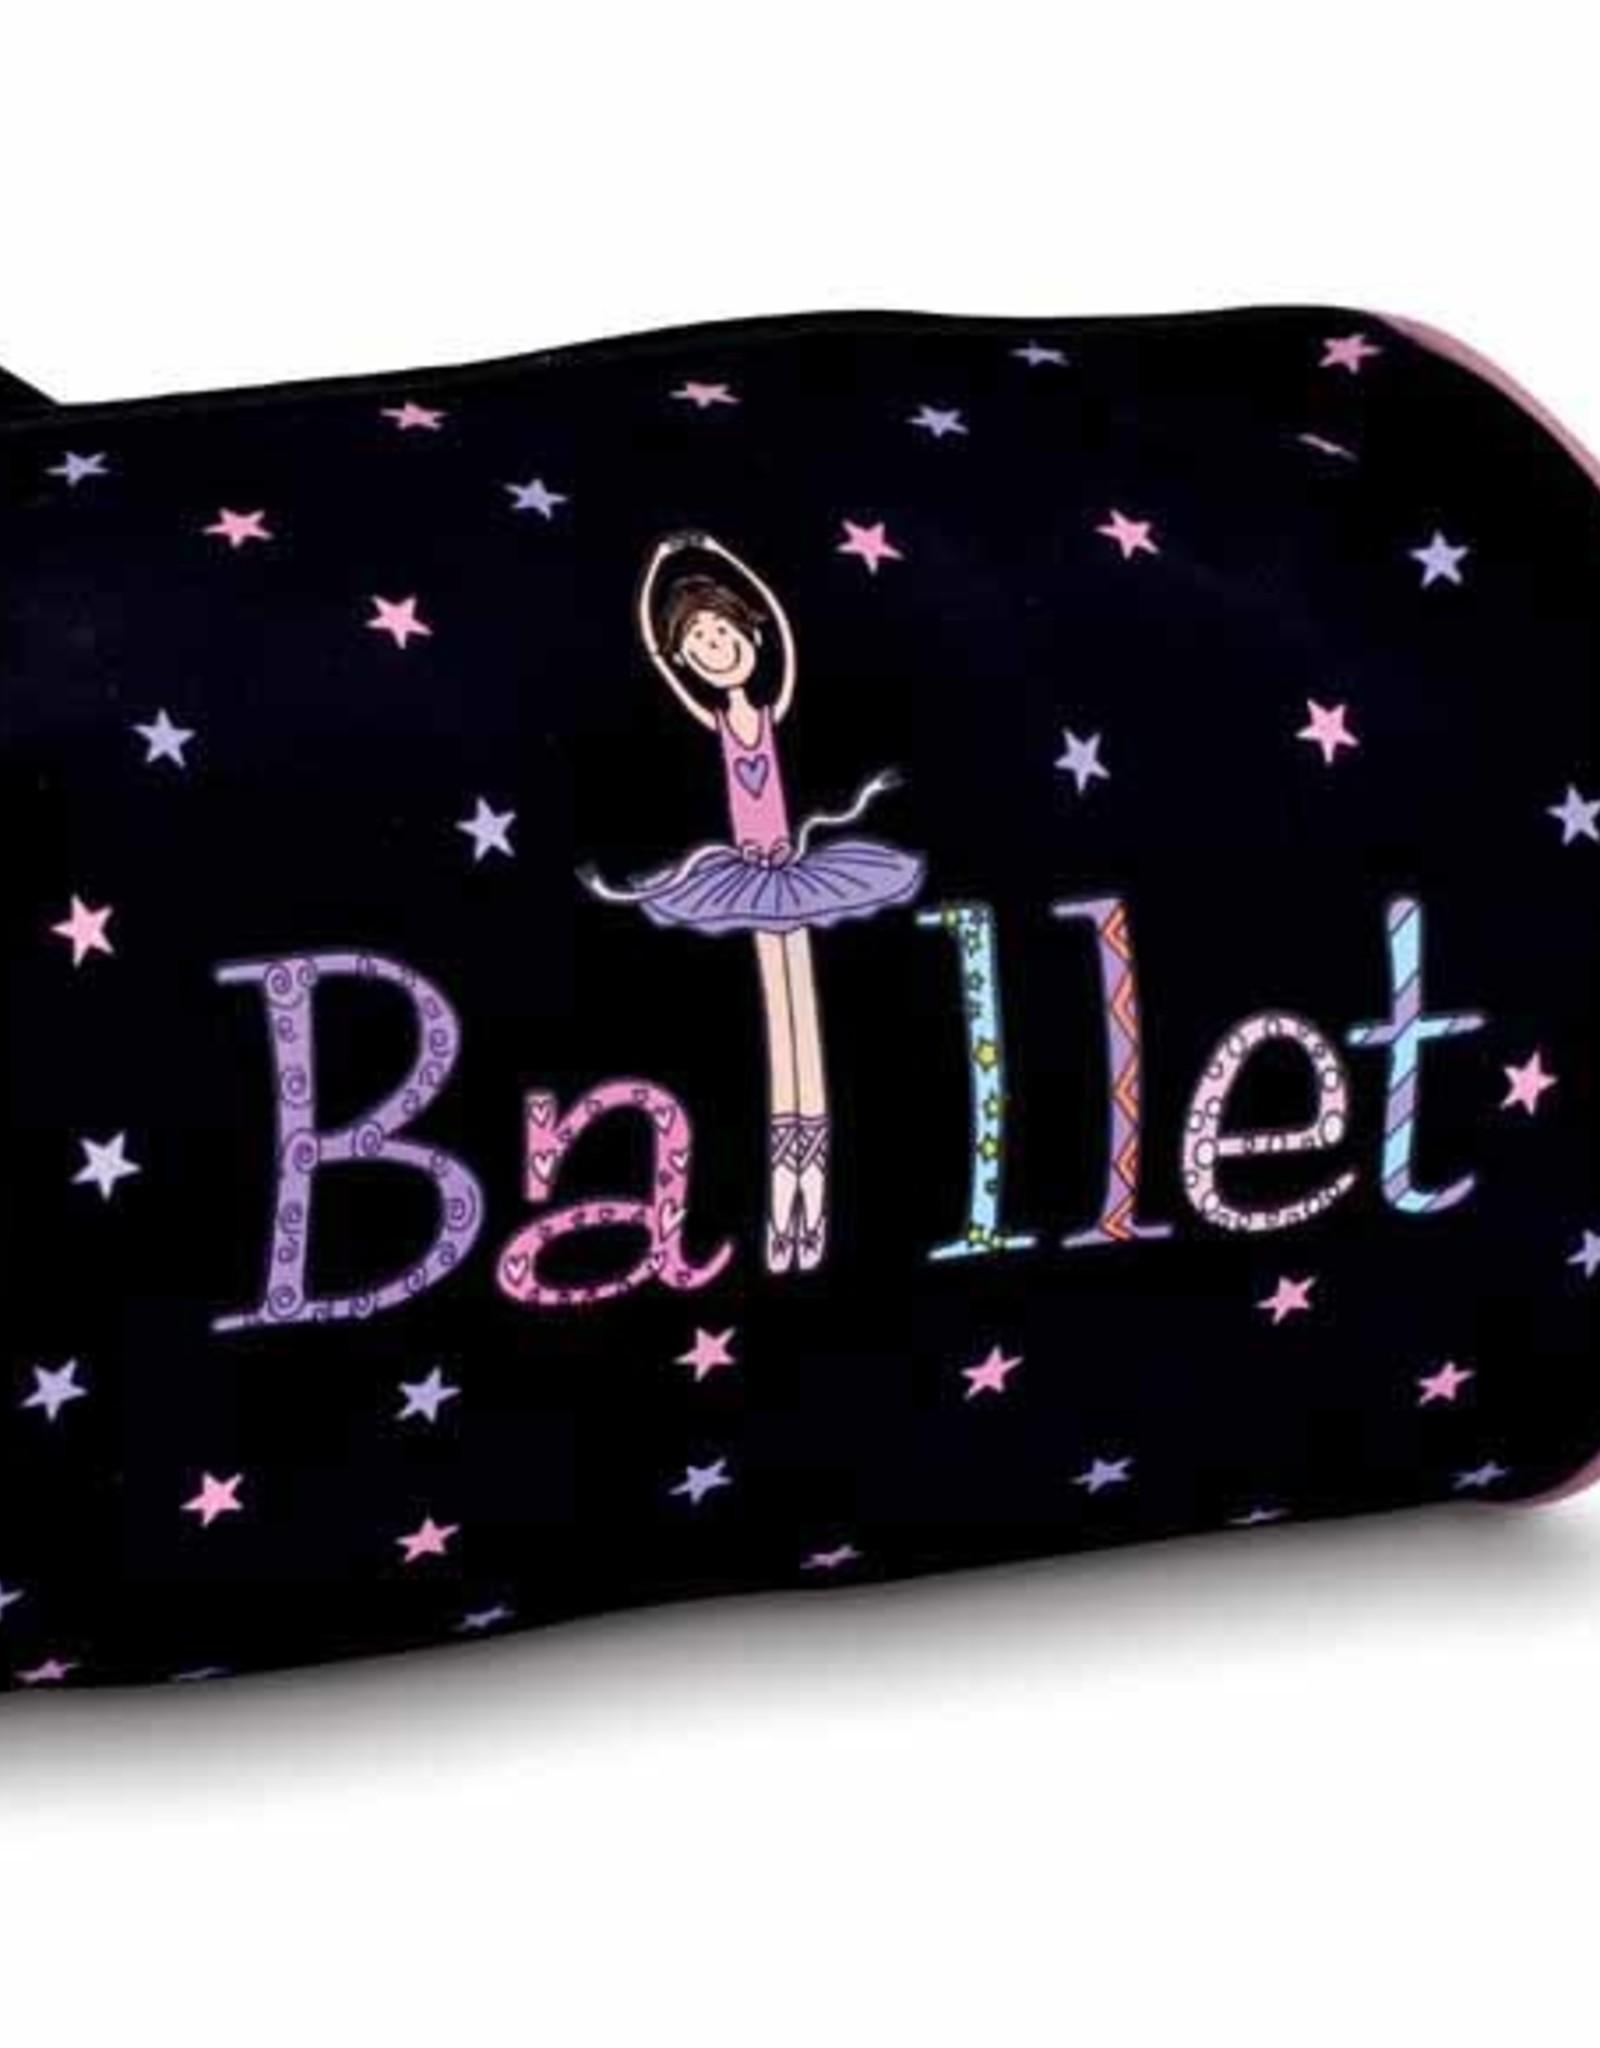 Danschuz Geena Ballerina Duffle